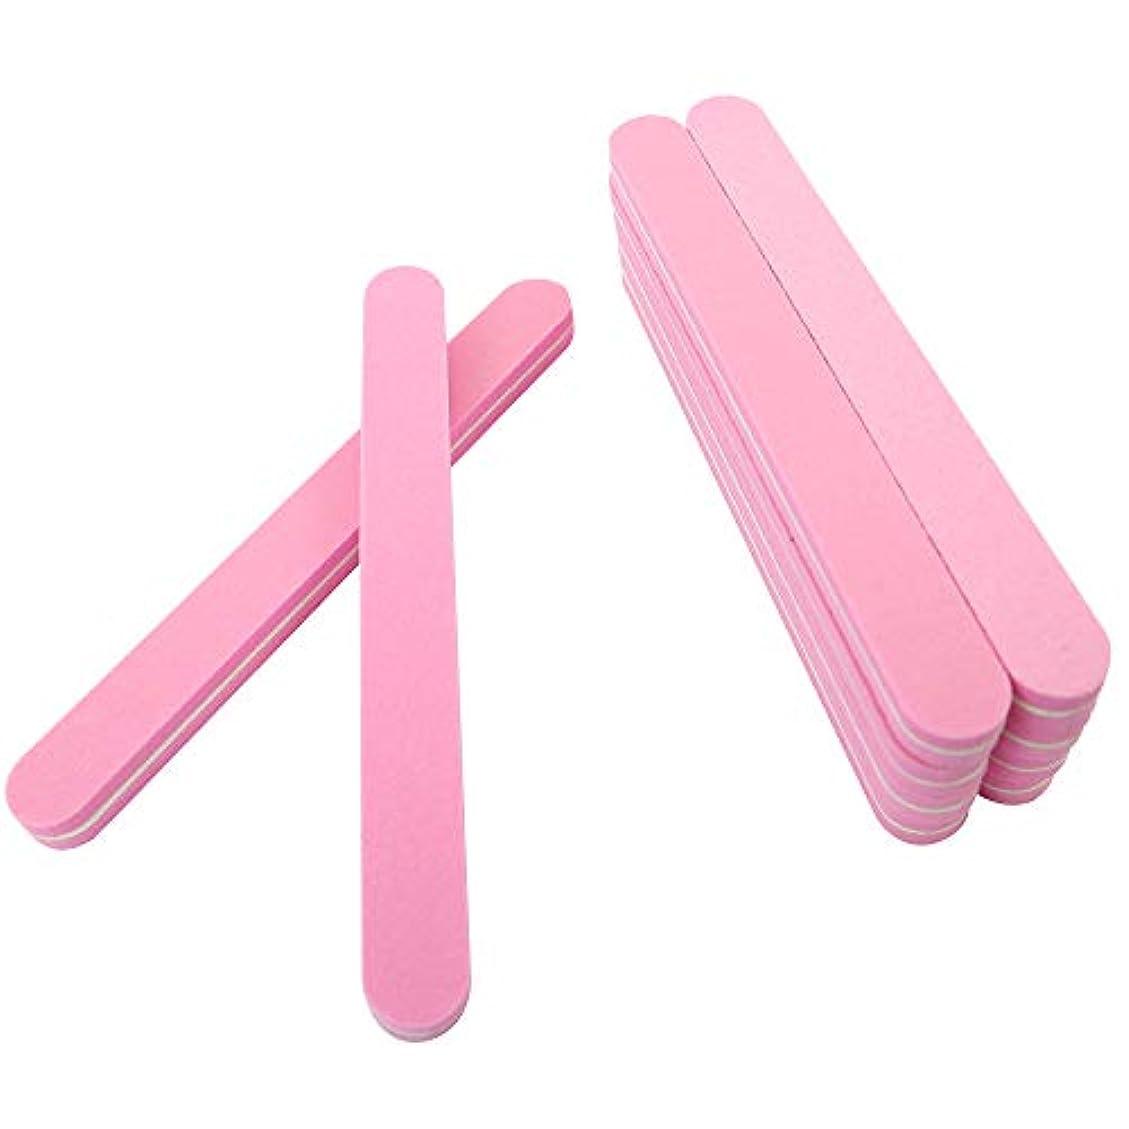 バッテリー砂利わかりやすいSIEG つめピカ 爪やすり 爪先美人をめざす2ステップ磨きのネイルシャイナー 10本セット